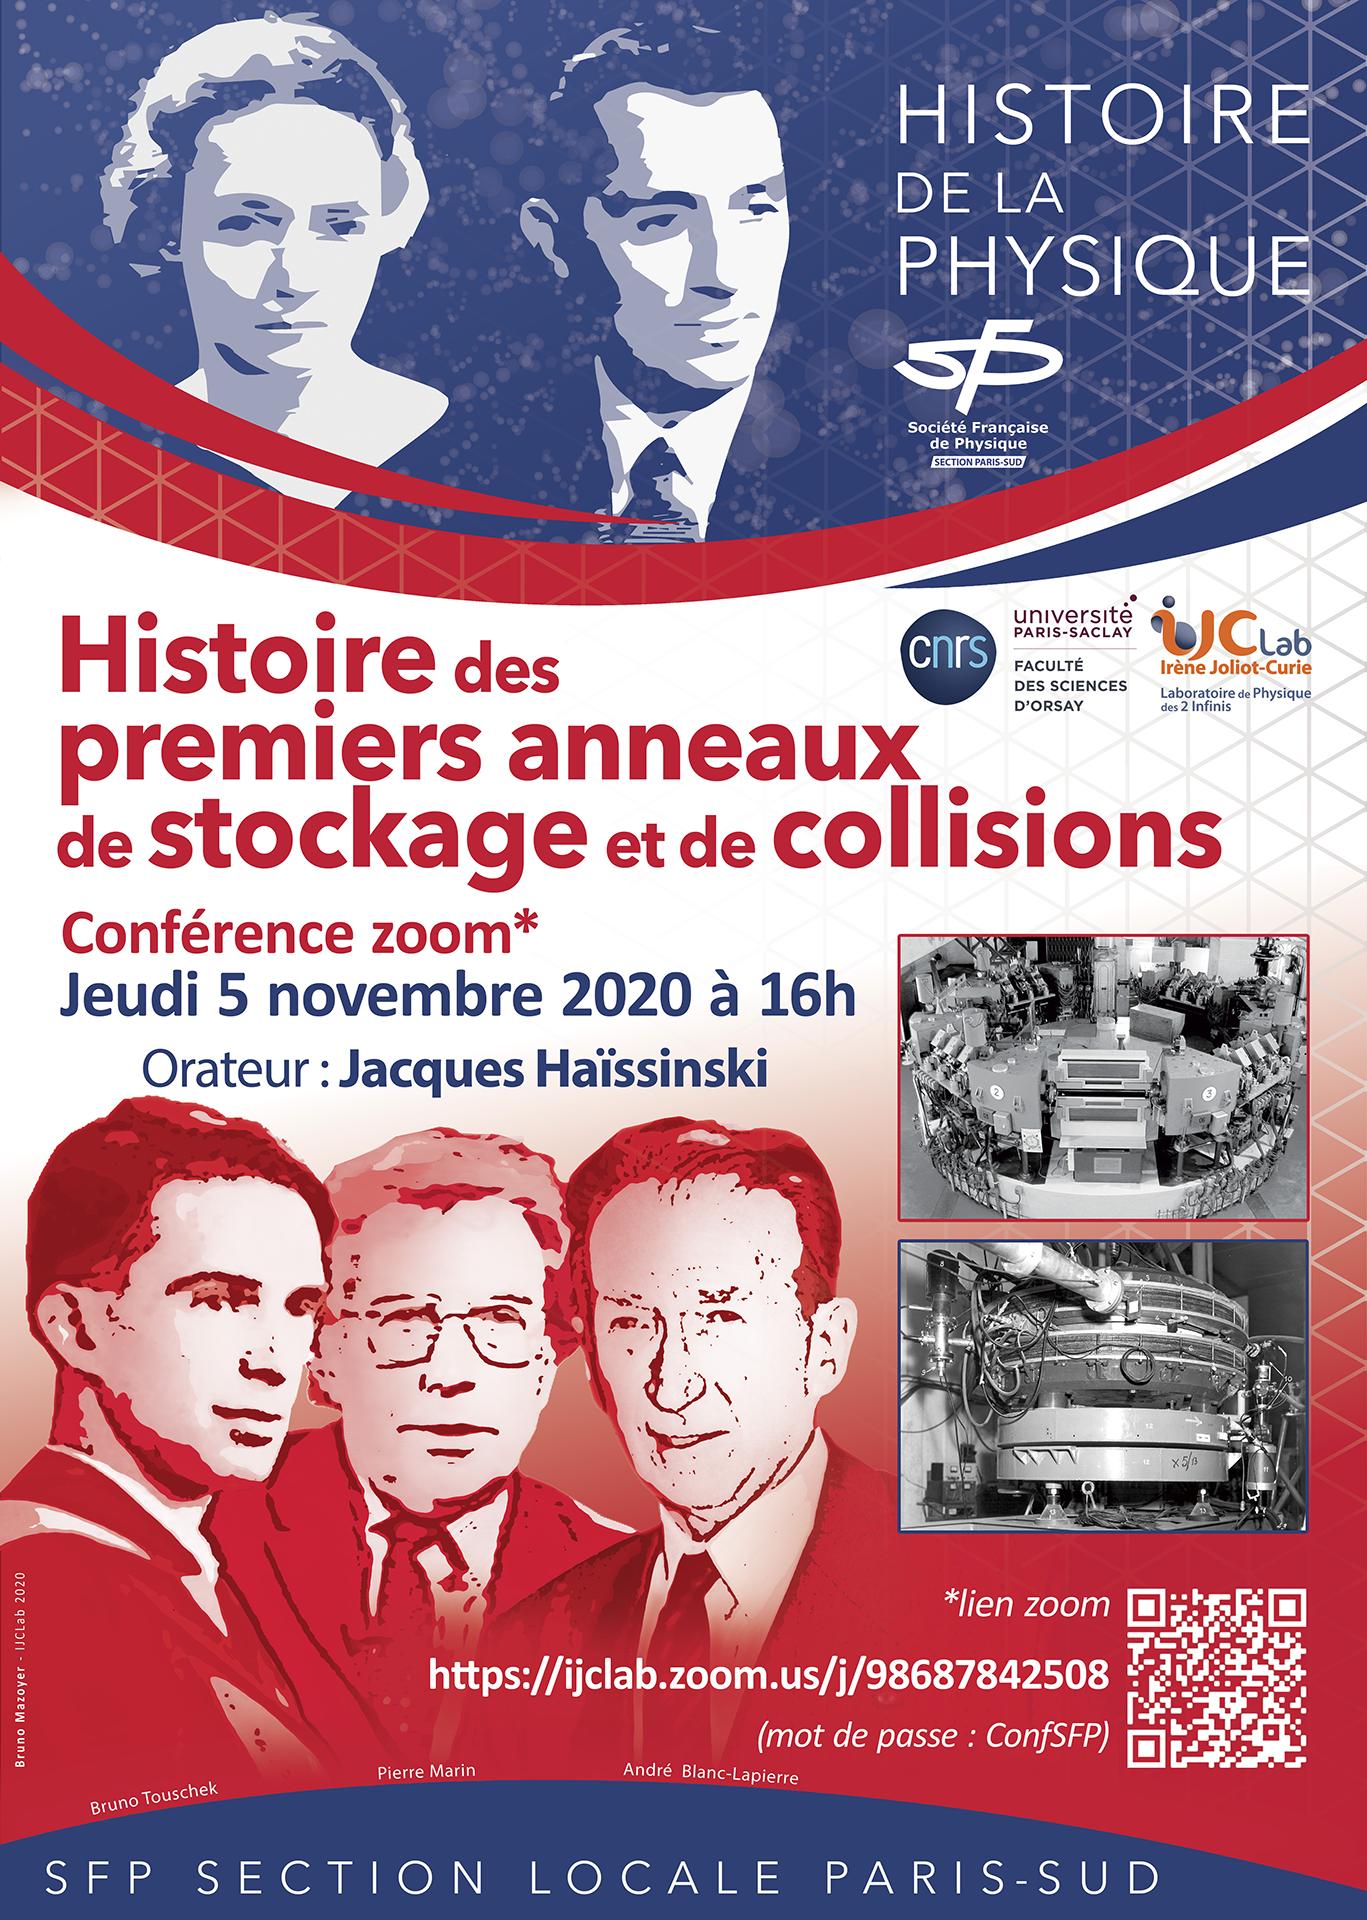 Conférence SFP : Histoire des premiers anneaux de stockage et de collisions le 5 novembre 16h00